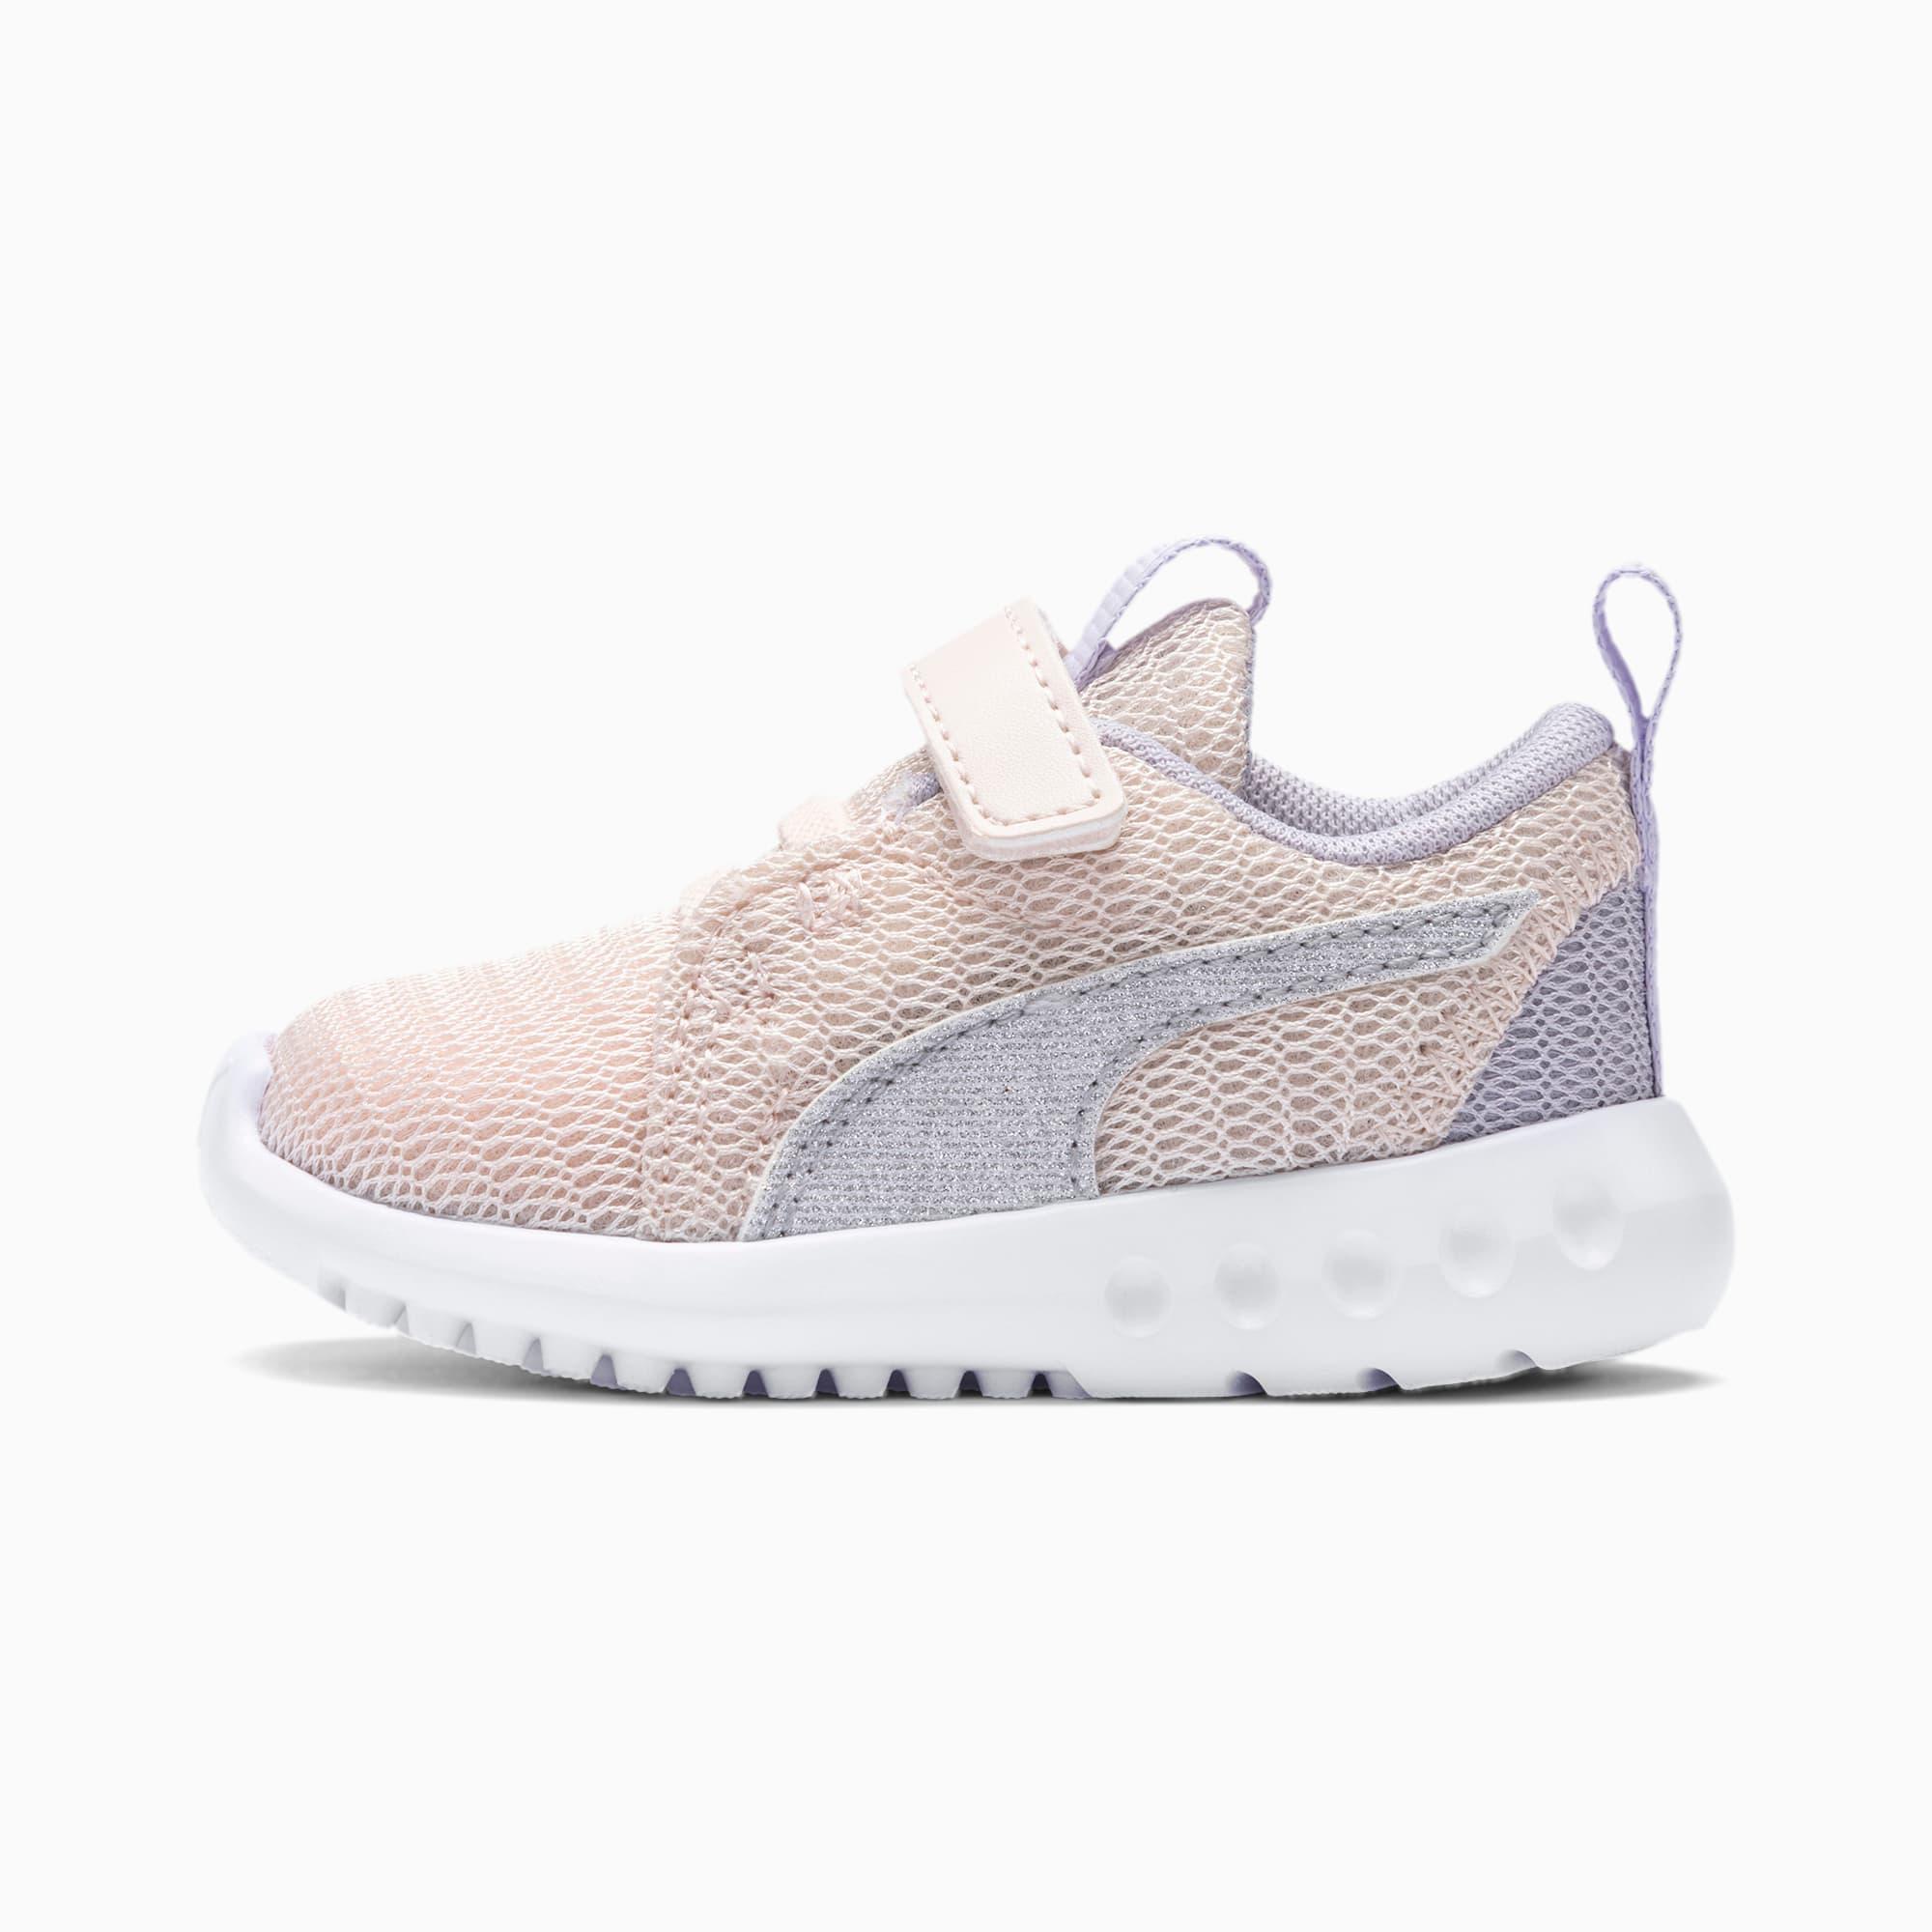 chaussure basket carson 2 glitter v pour bébé fille, violet/rose/bruyère, taille 21, chaussures